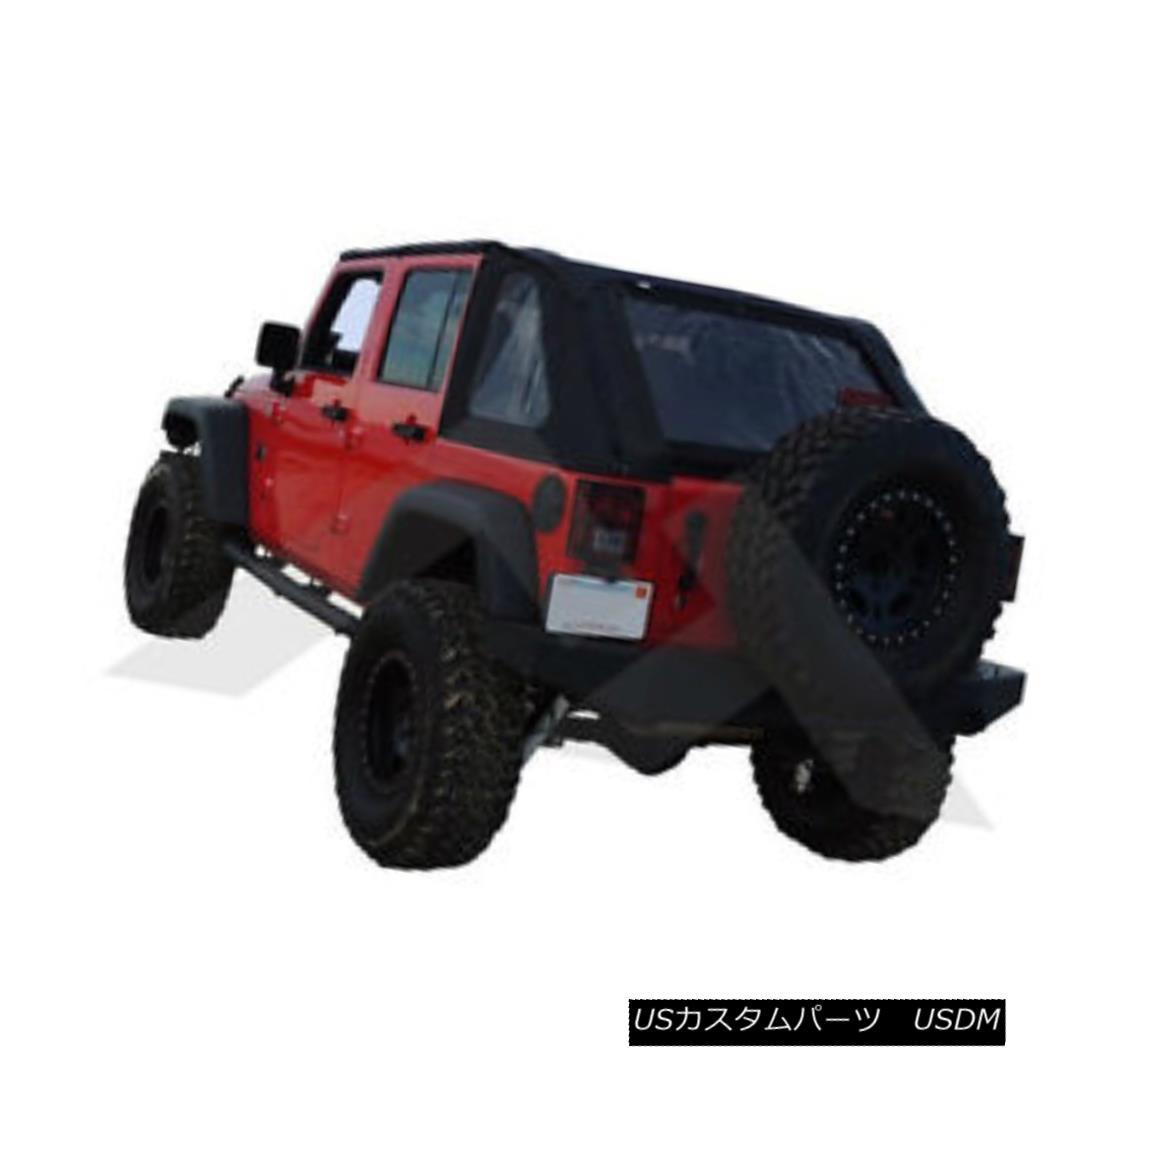 幌・ソフトトップ Bowless Soft Top Black Diamond Jeep Wrangler JK 2007-2016 BRT20135T ボウレスソフトトップブラックダイヤモンドジープラングラーJK 2007-2016 BRT20135T